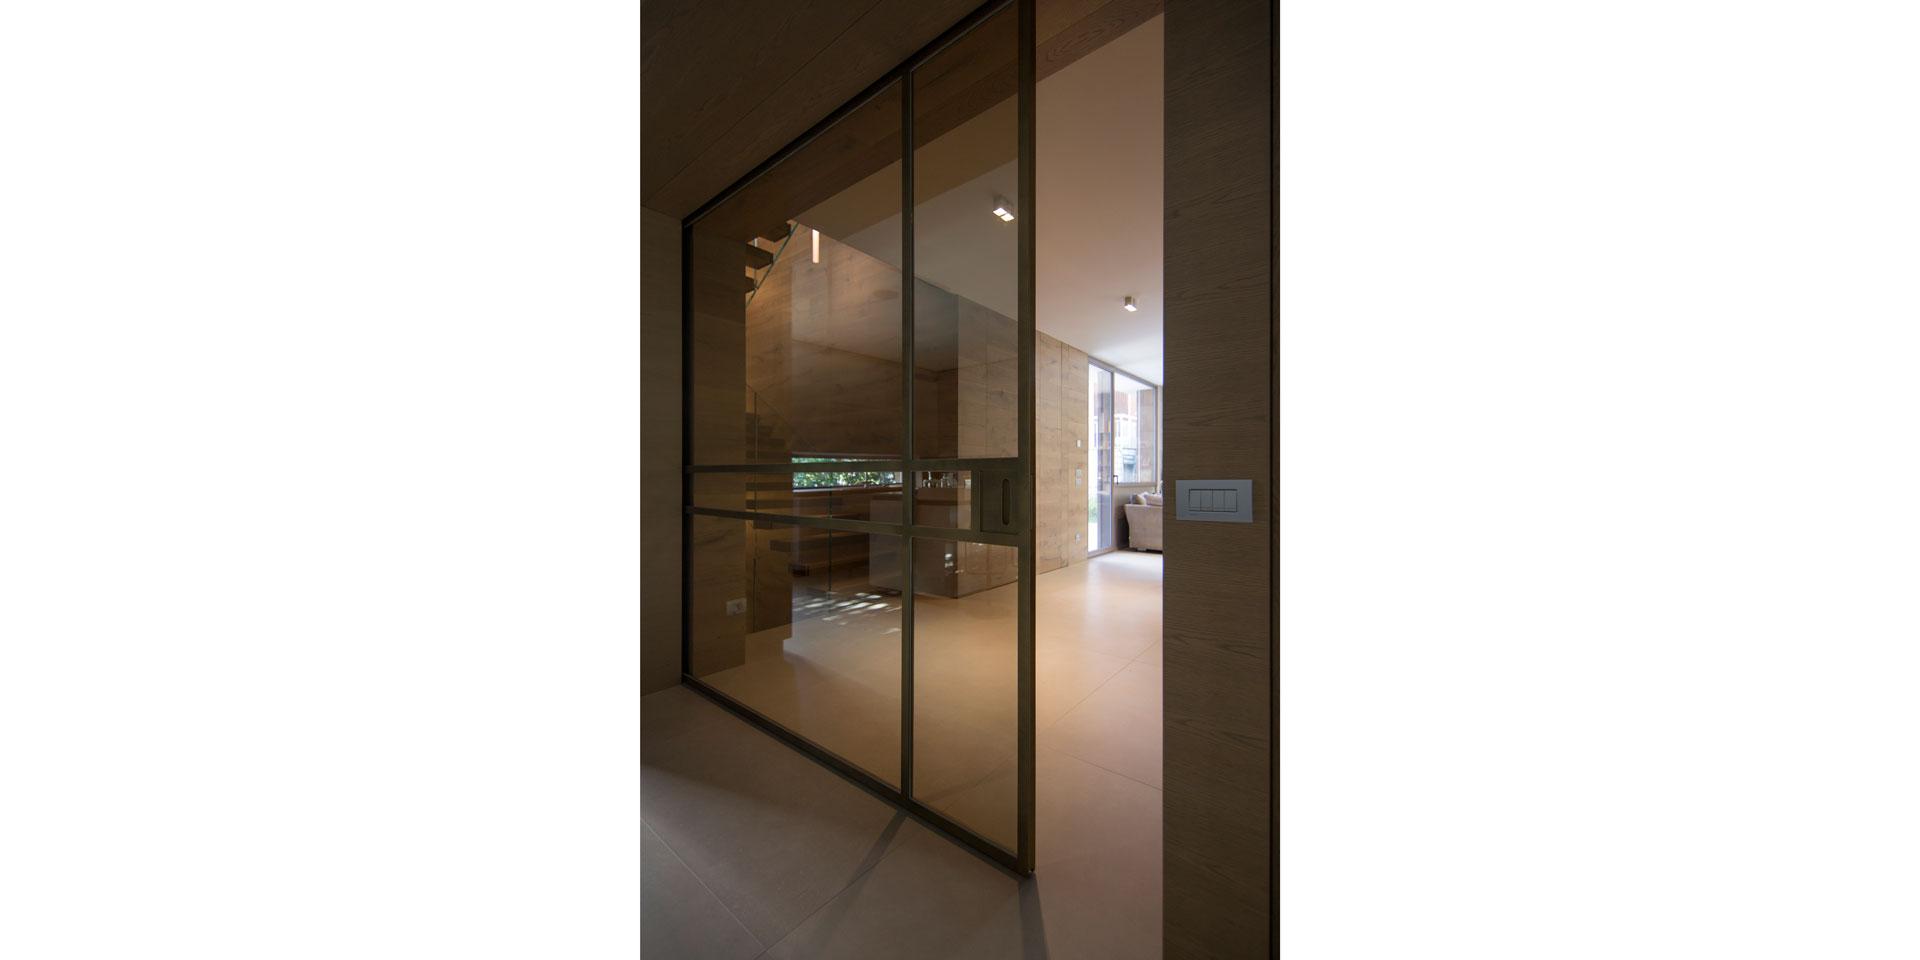 archinow_MAR_residenza-privata-rimini_15-1